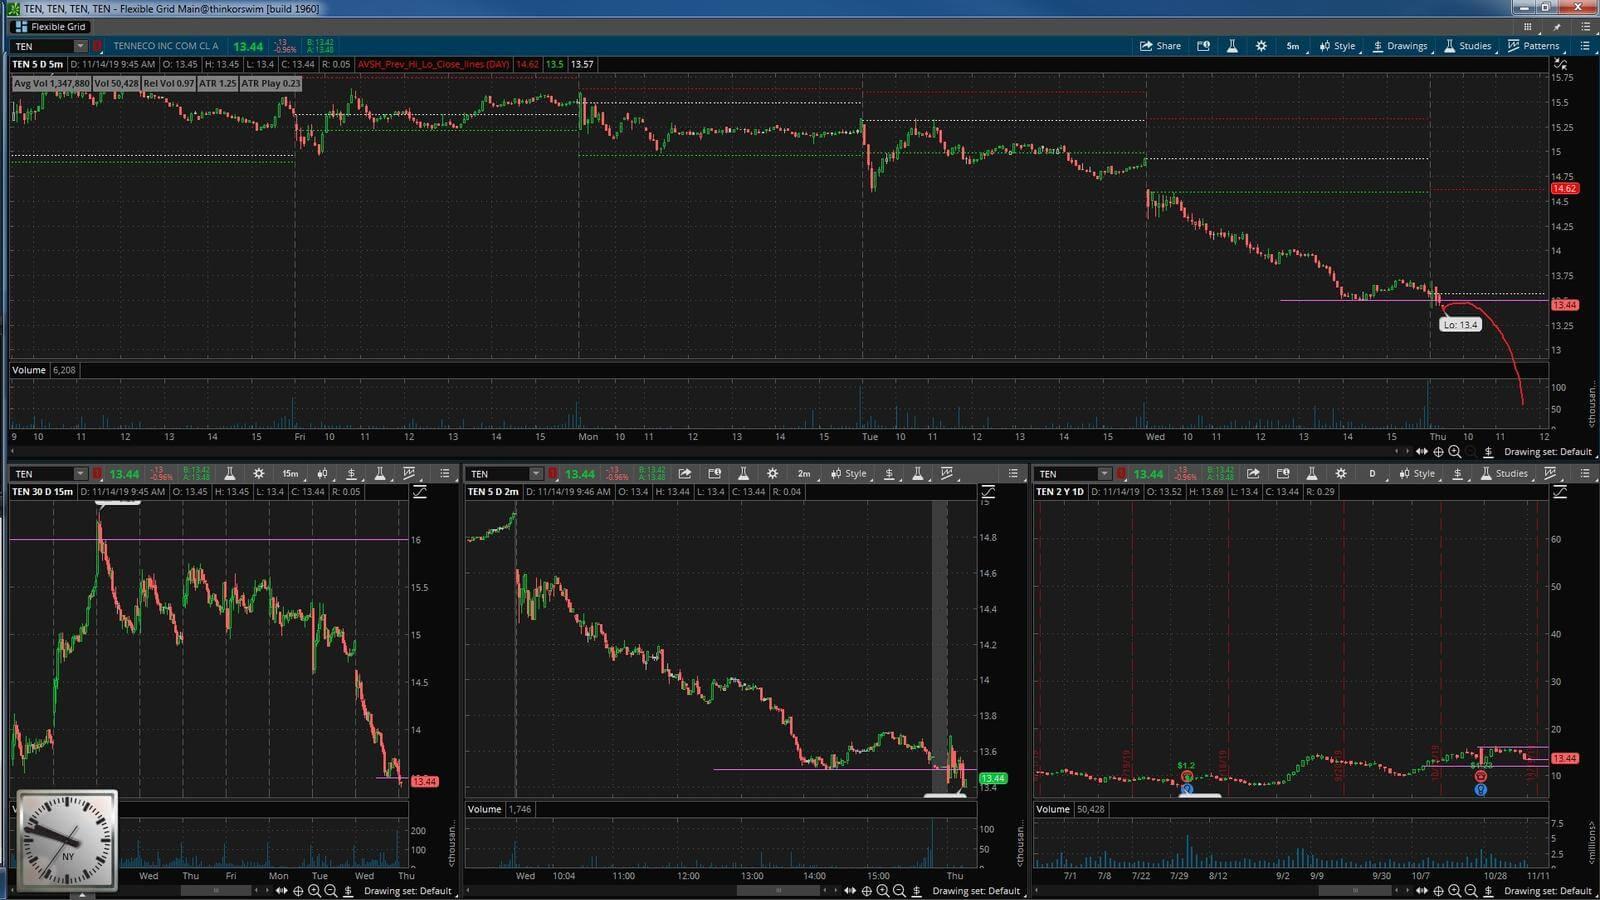 TEN - график акции на фондовой бирже